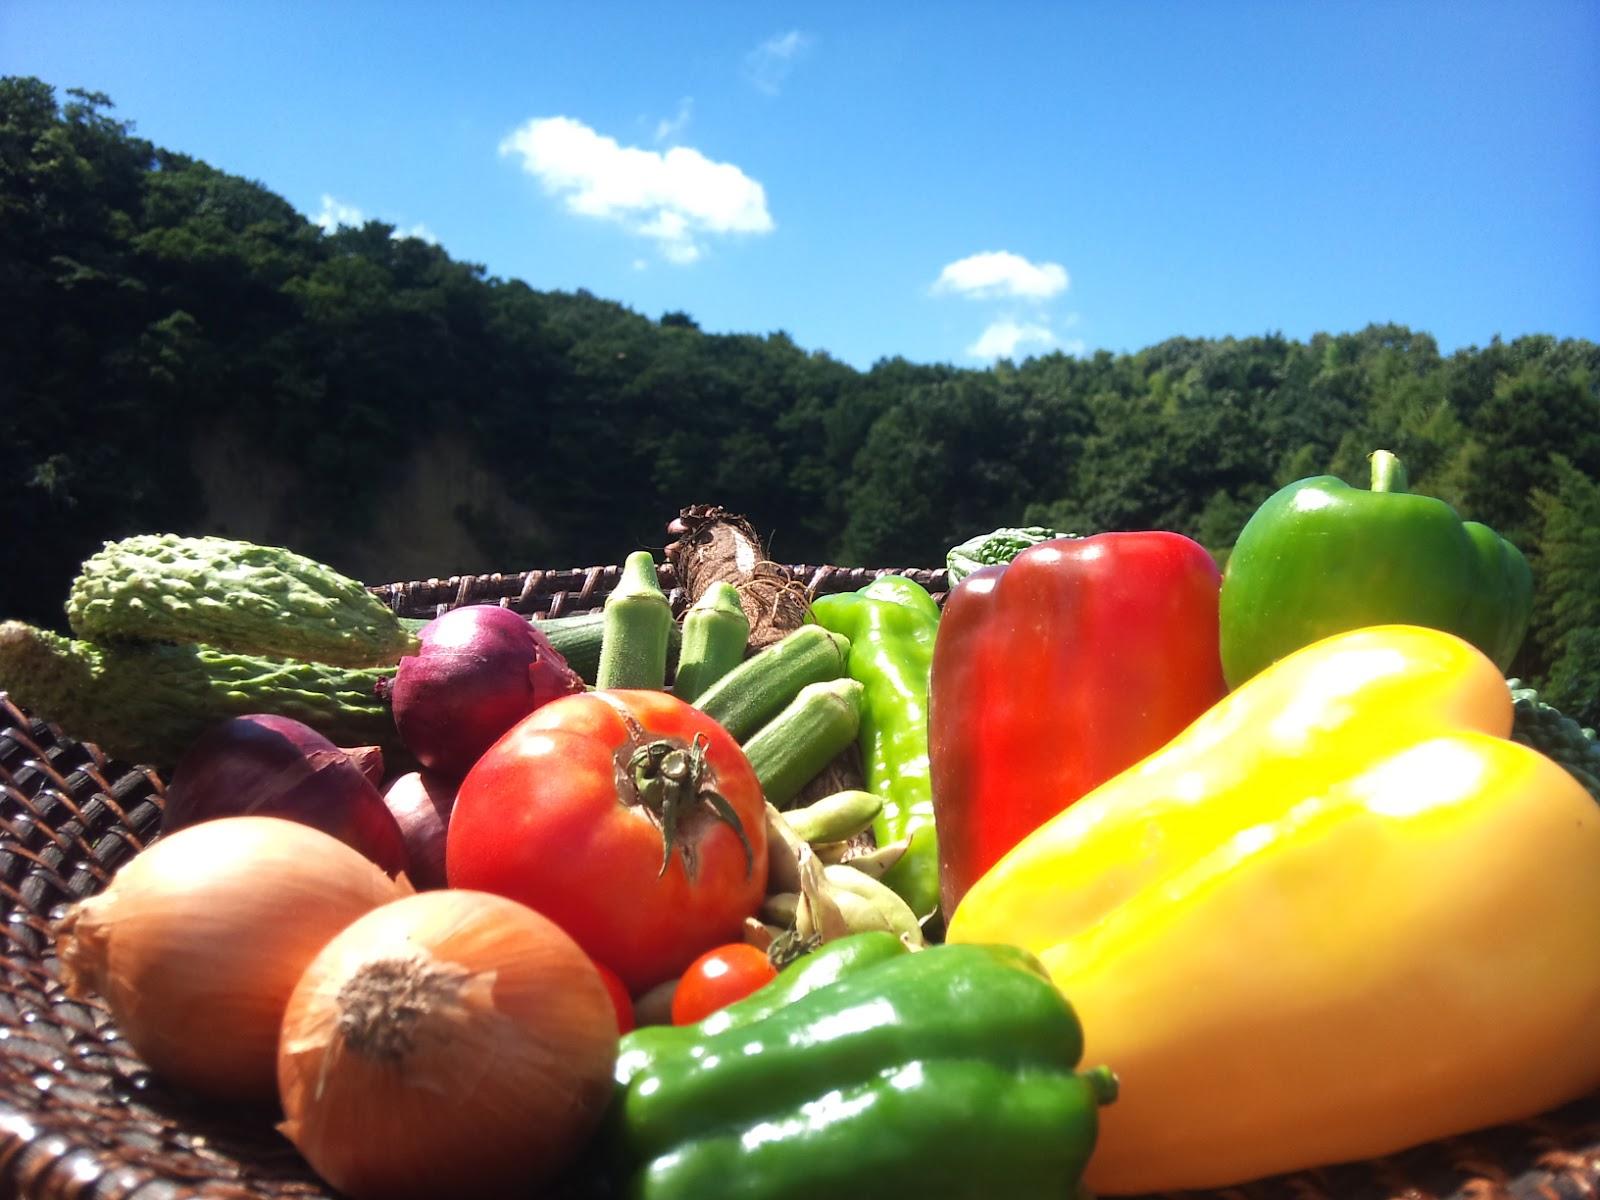 夏野菜の種類大公開!日差しをたっぷり浴びた夏野菜をご紹介します!のサムネイル画像